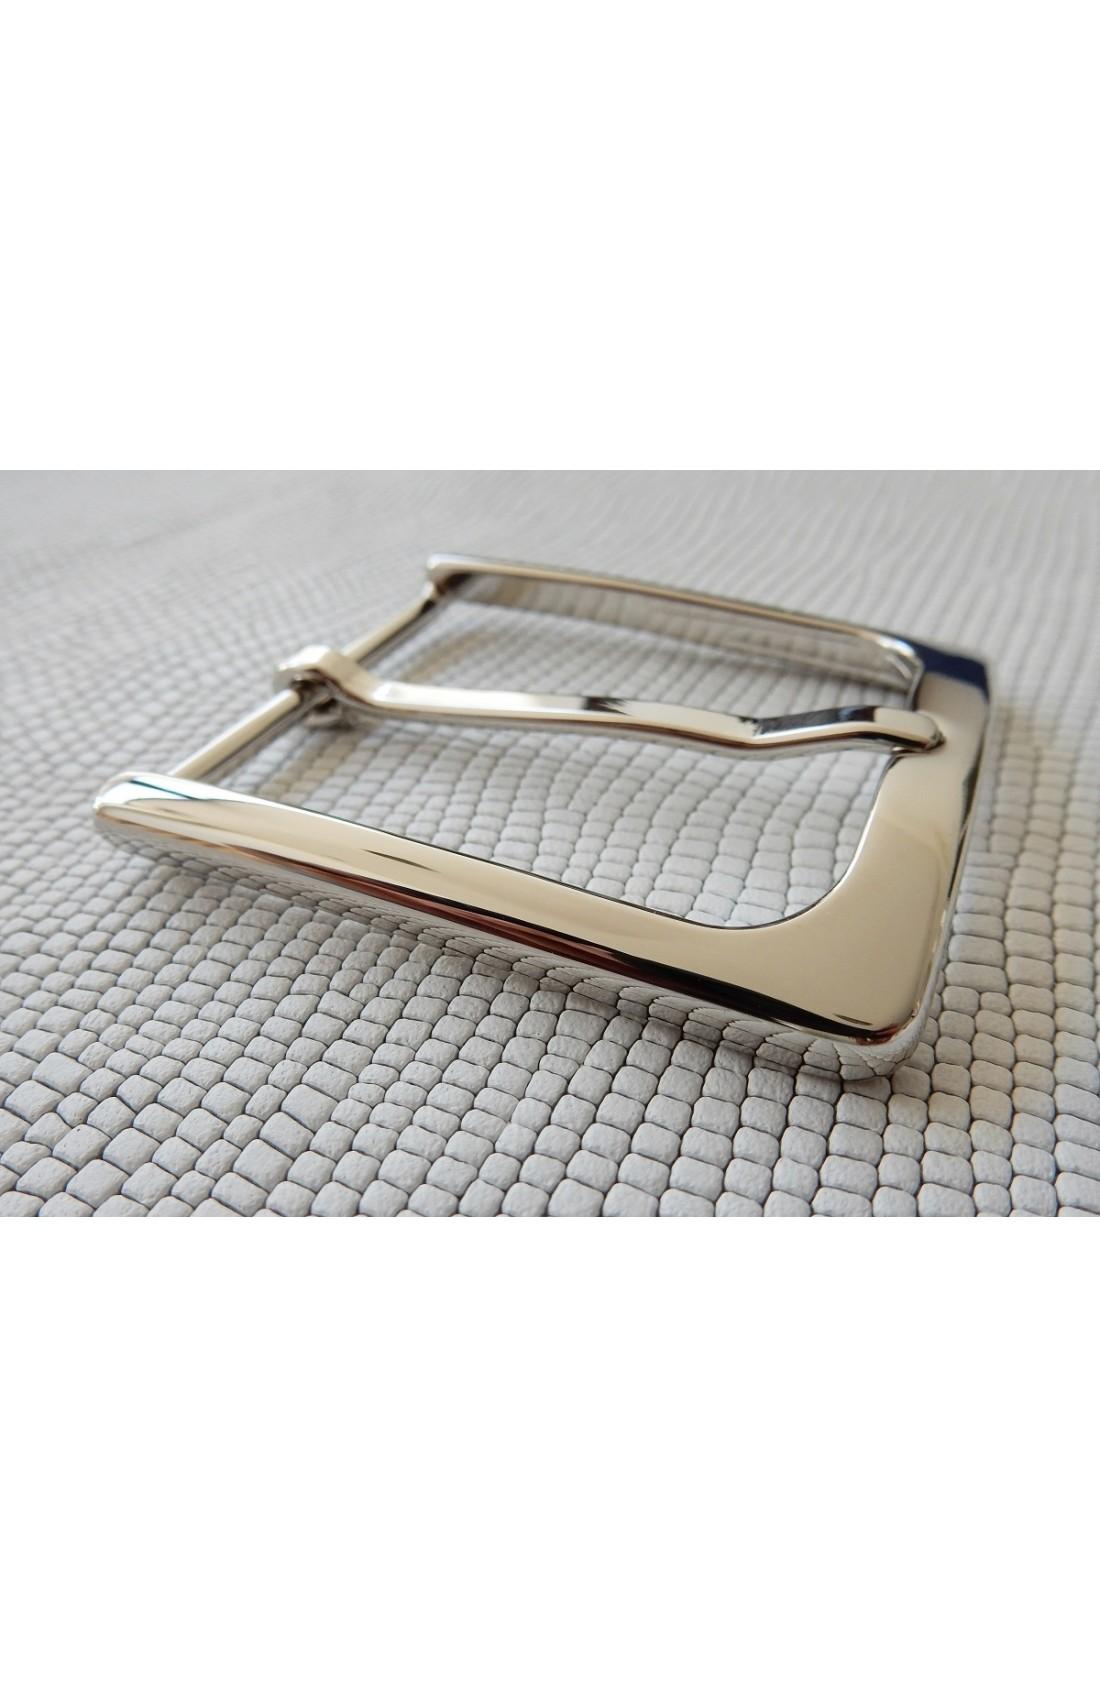 Fibbia Standard N 13 mm.40 nikel free (3)